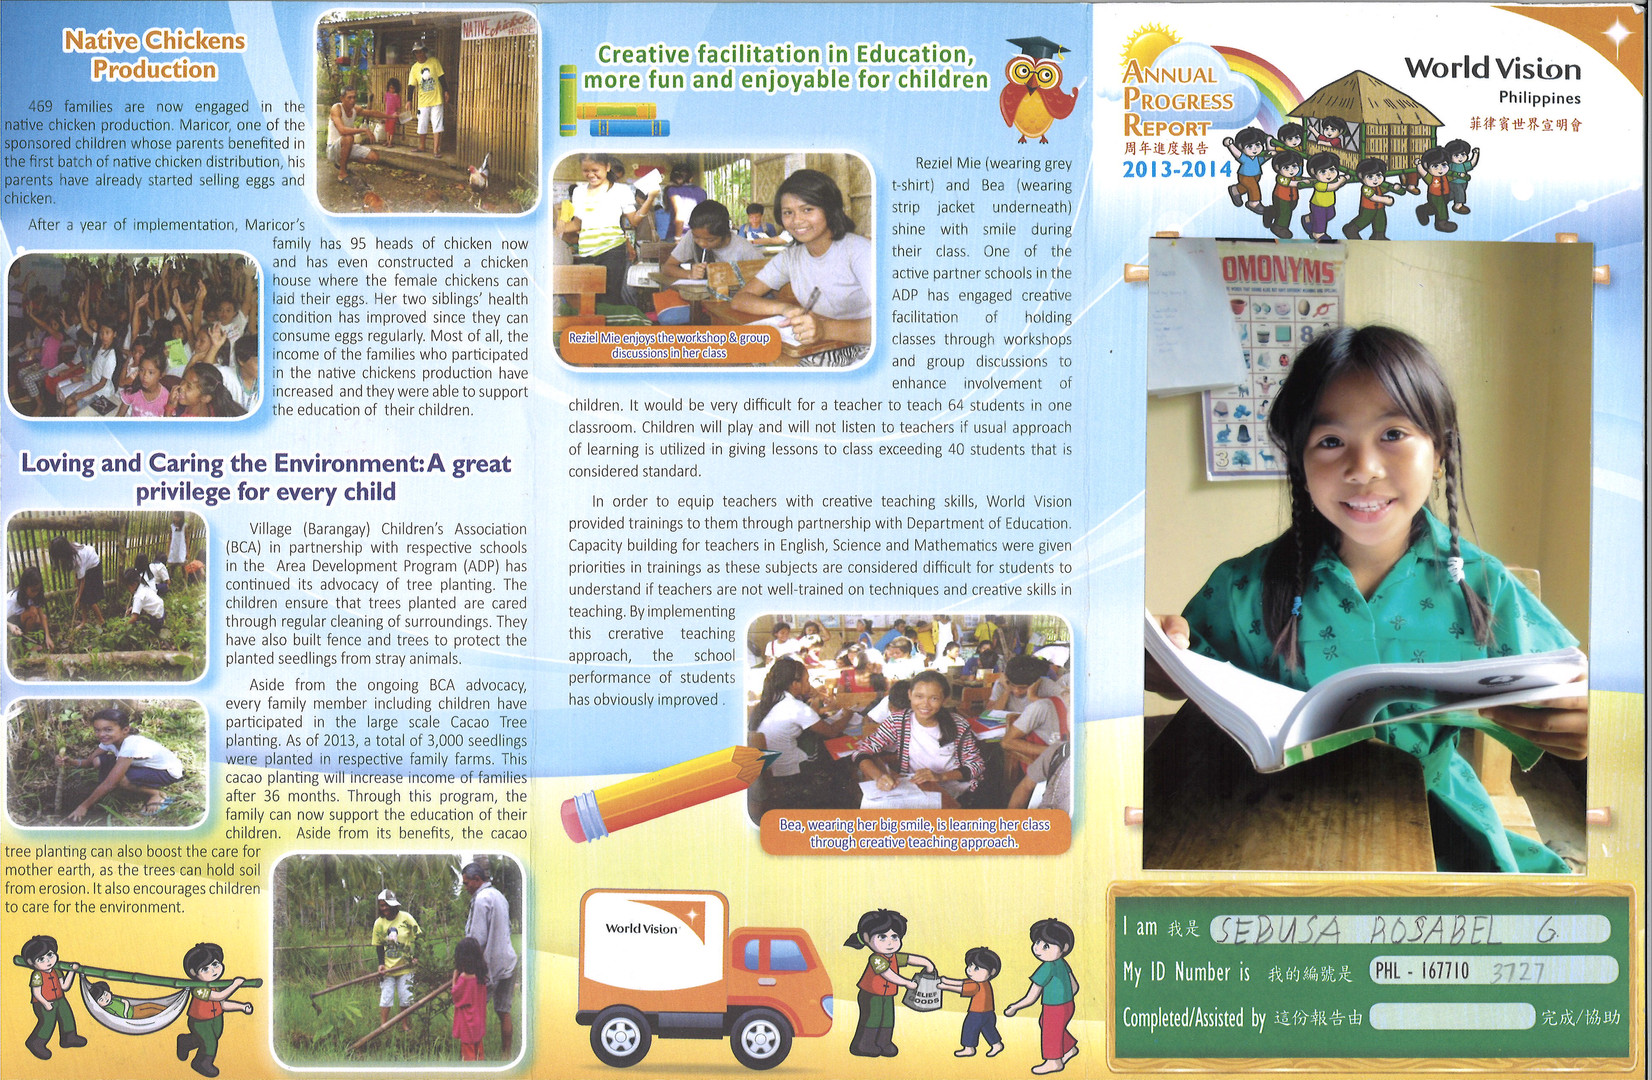 Philippines-Sebusa Rosabel Progress Repo